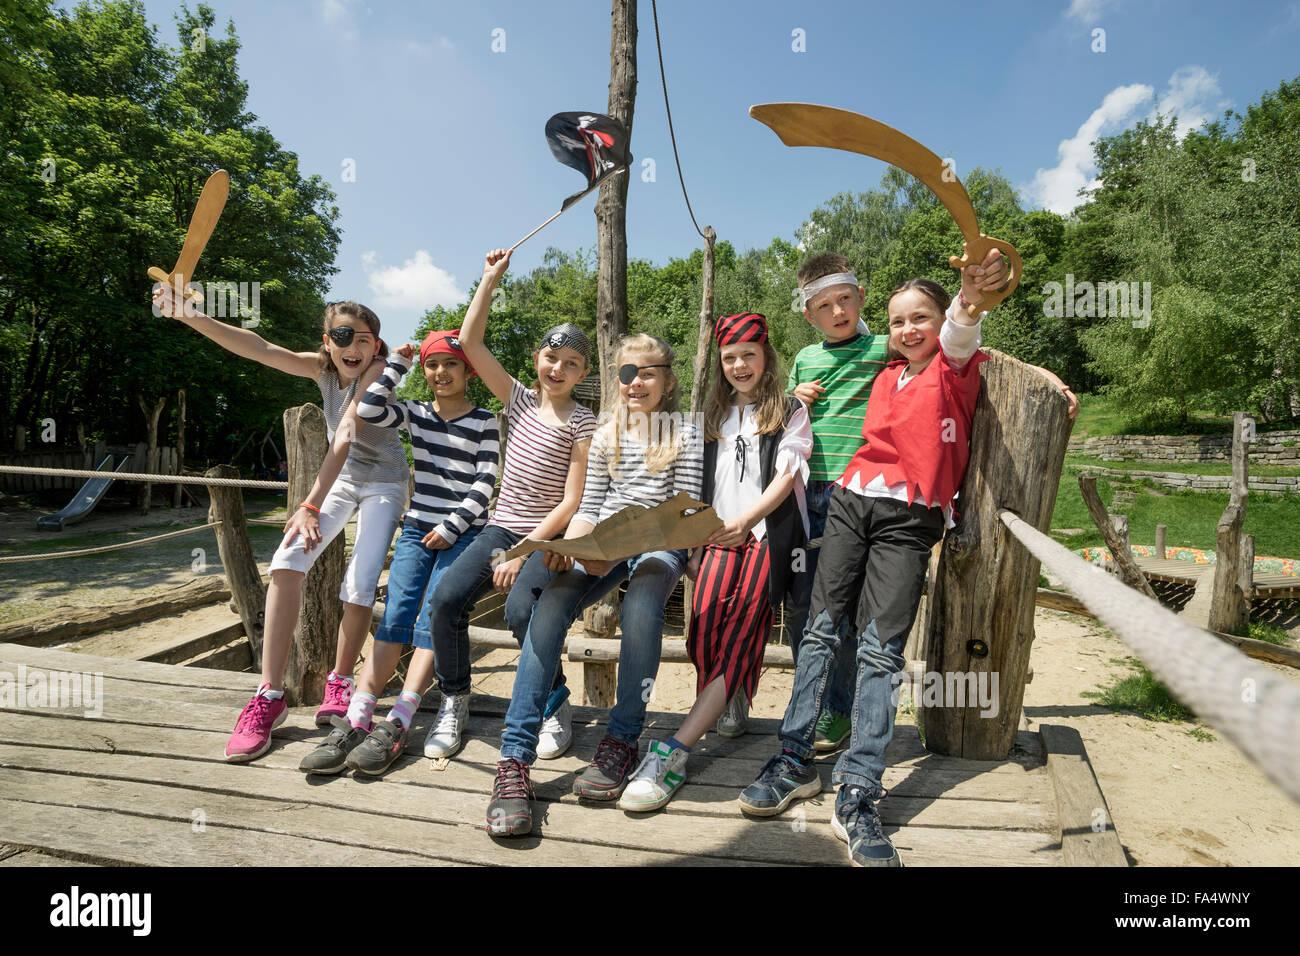 Un gruppo di bambini che giocano su una nave pirata nel parco giochi avventura, Baviera, Germania Immagini Stock